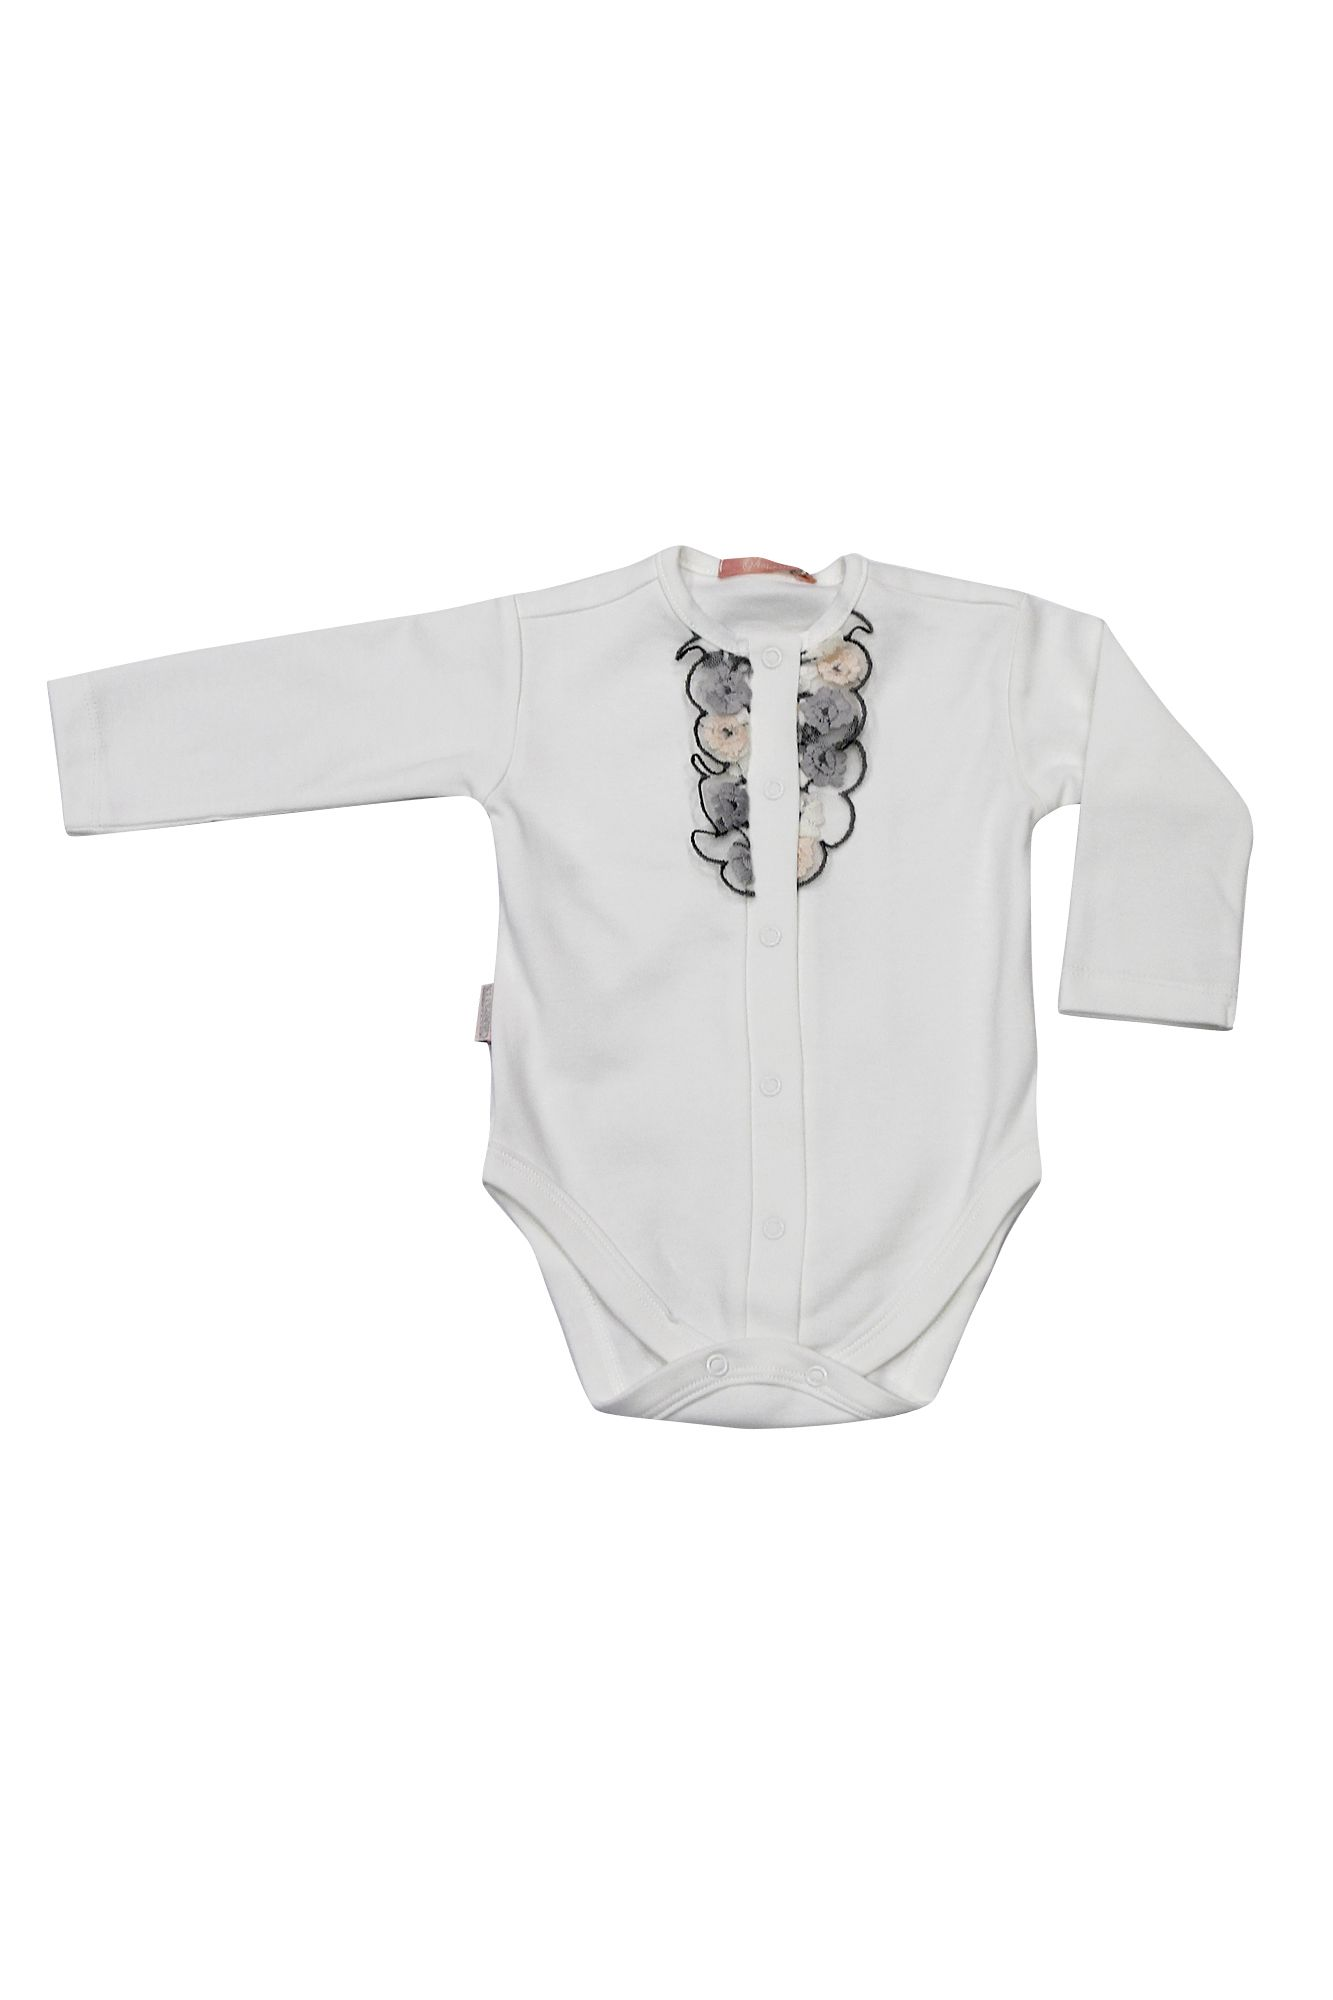 Блузки боди для девочек купить